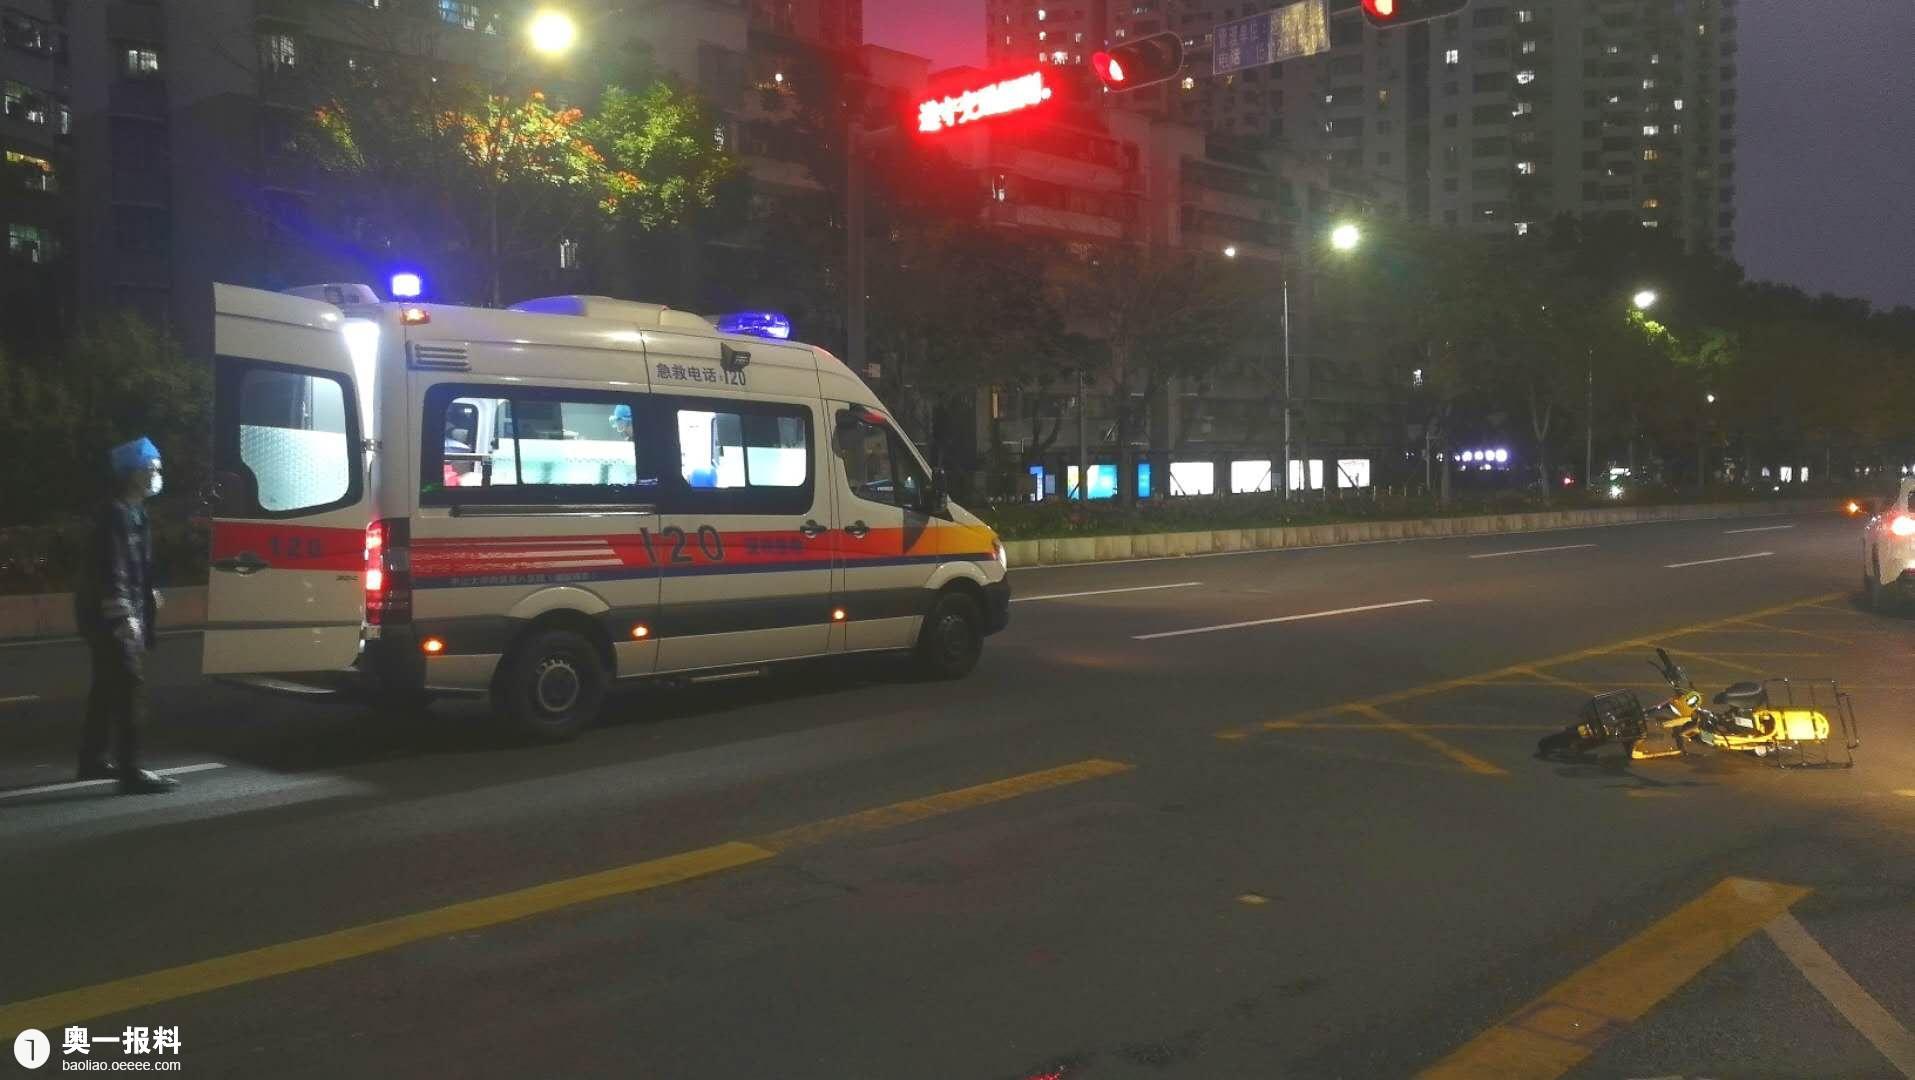 事故公交车并非比亚迪公交车 - 搜狐视频